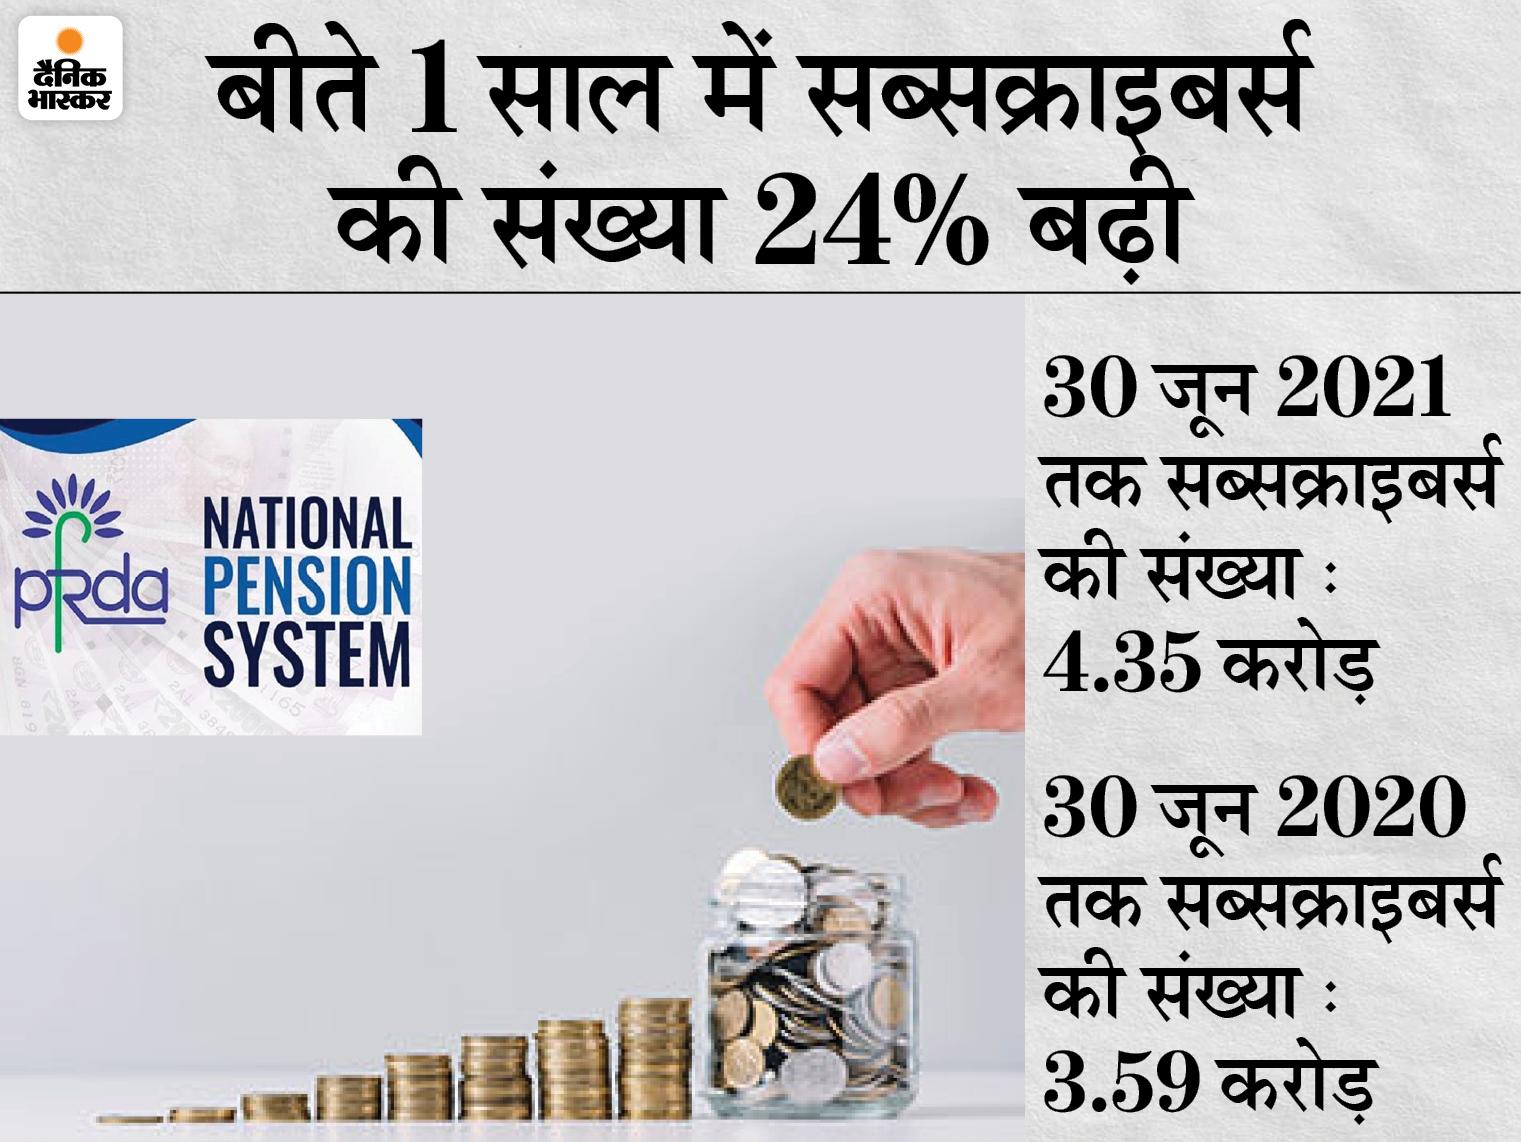 नेशनल पेंशन सिस्टम से बीते एक साल में जुड़े 76 लाख से ज्यादा लोग, सब्सक्राइबर्स की संख्या बढ़कर 4.35 करोड़ हुई बिजनेस,Business - Dainik Bhaskar